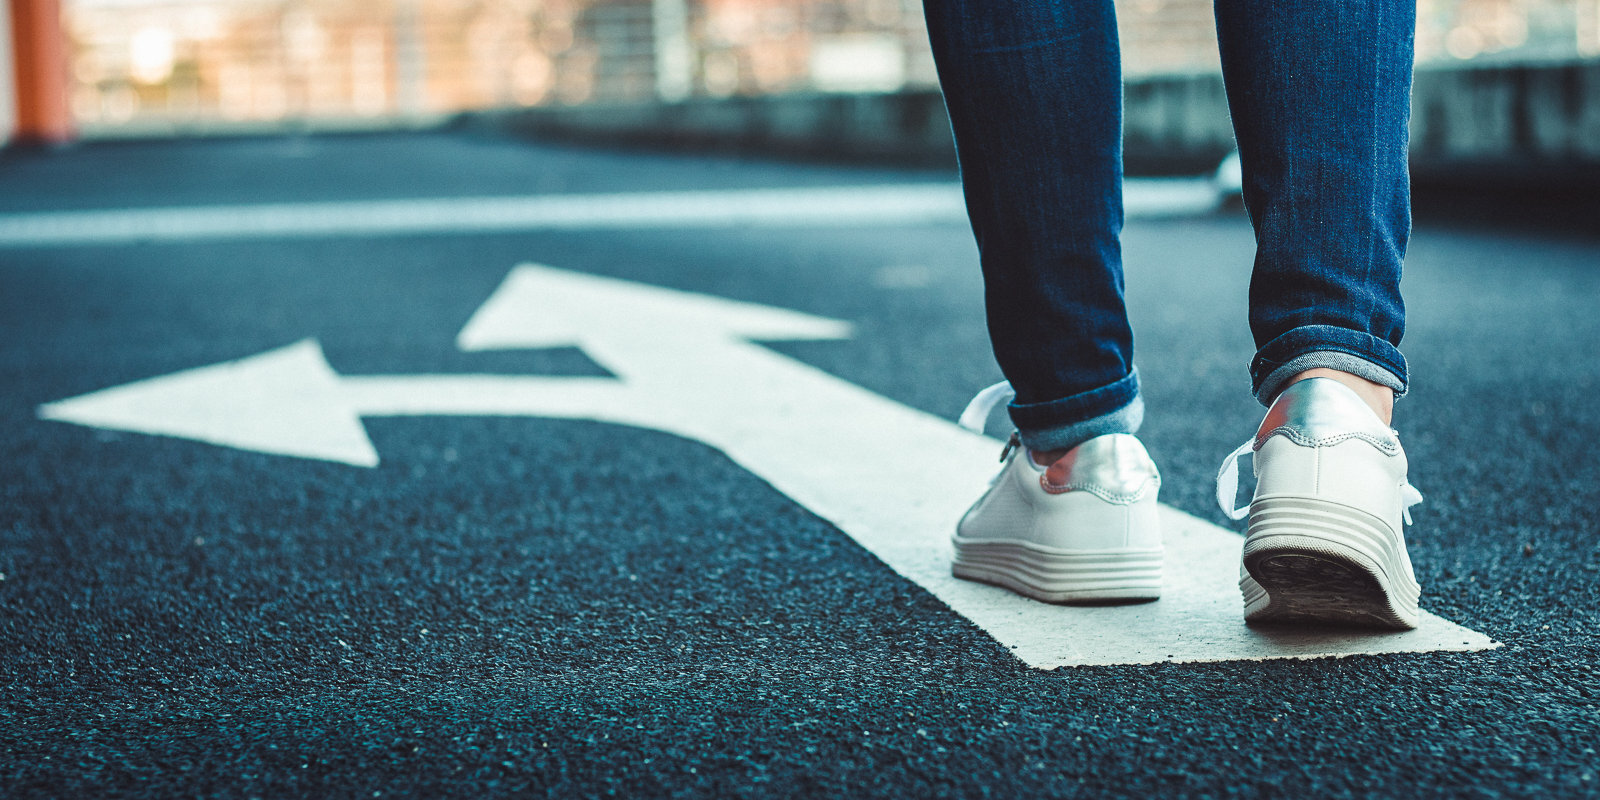 Profesionālā izglītība pēc pamatskolas – kā bērna izvēle ietekmēs karjeru